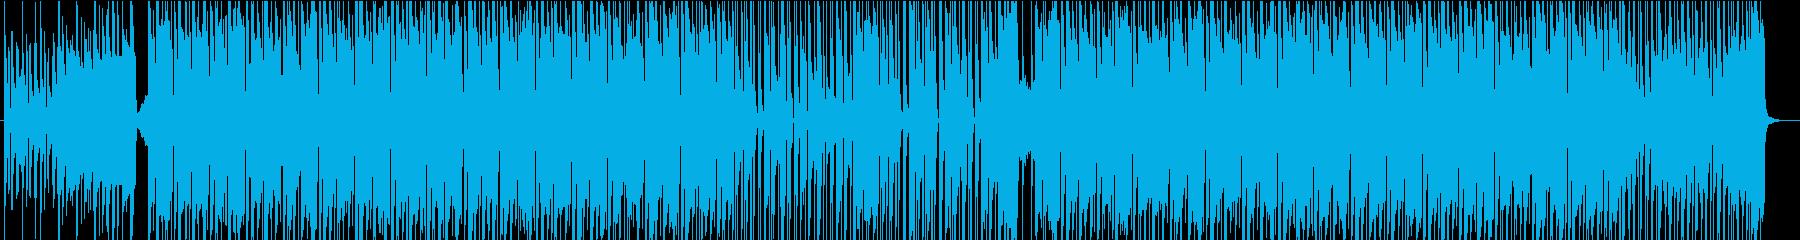 元気いっぱい!楽しいにぎやかPOPの再生済みの波形